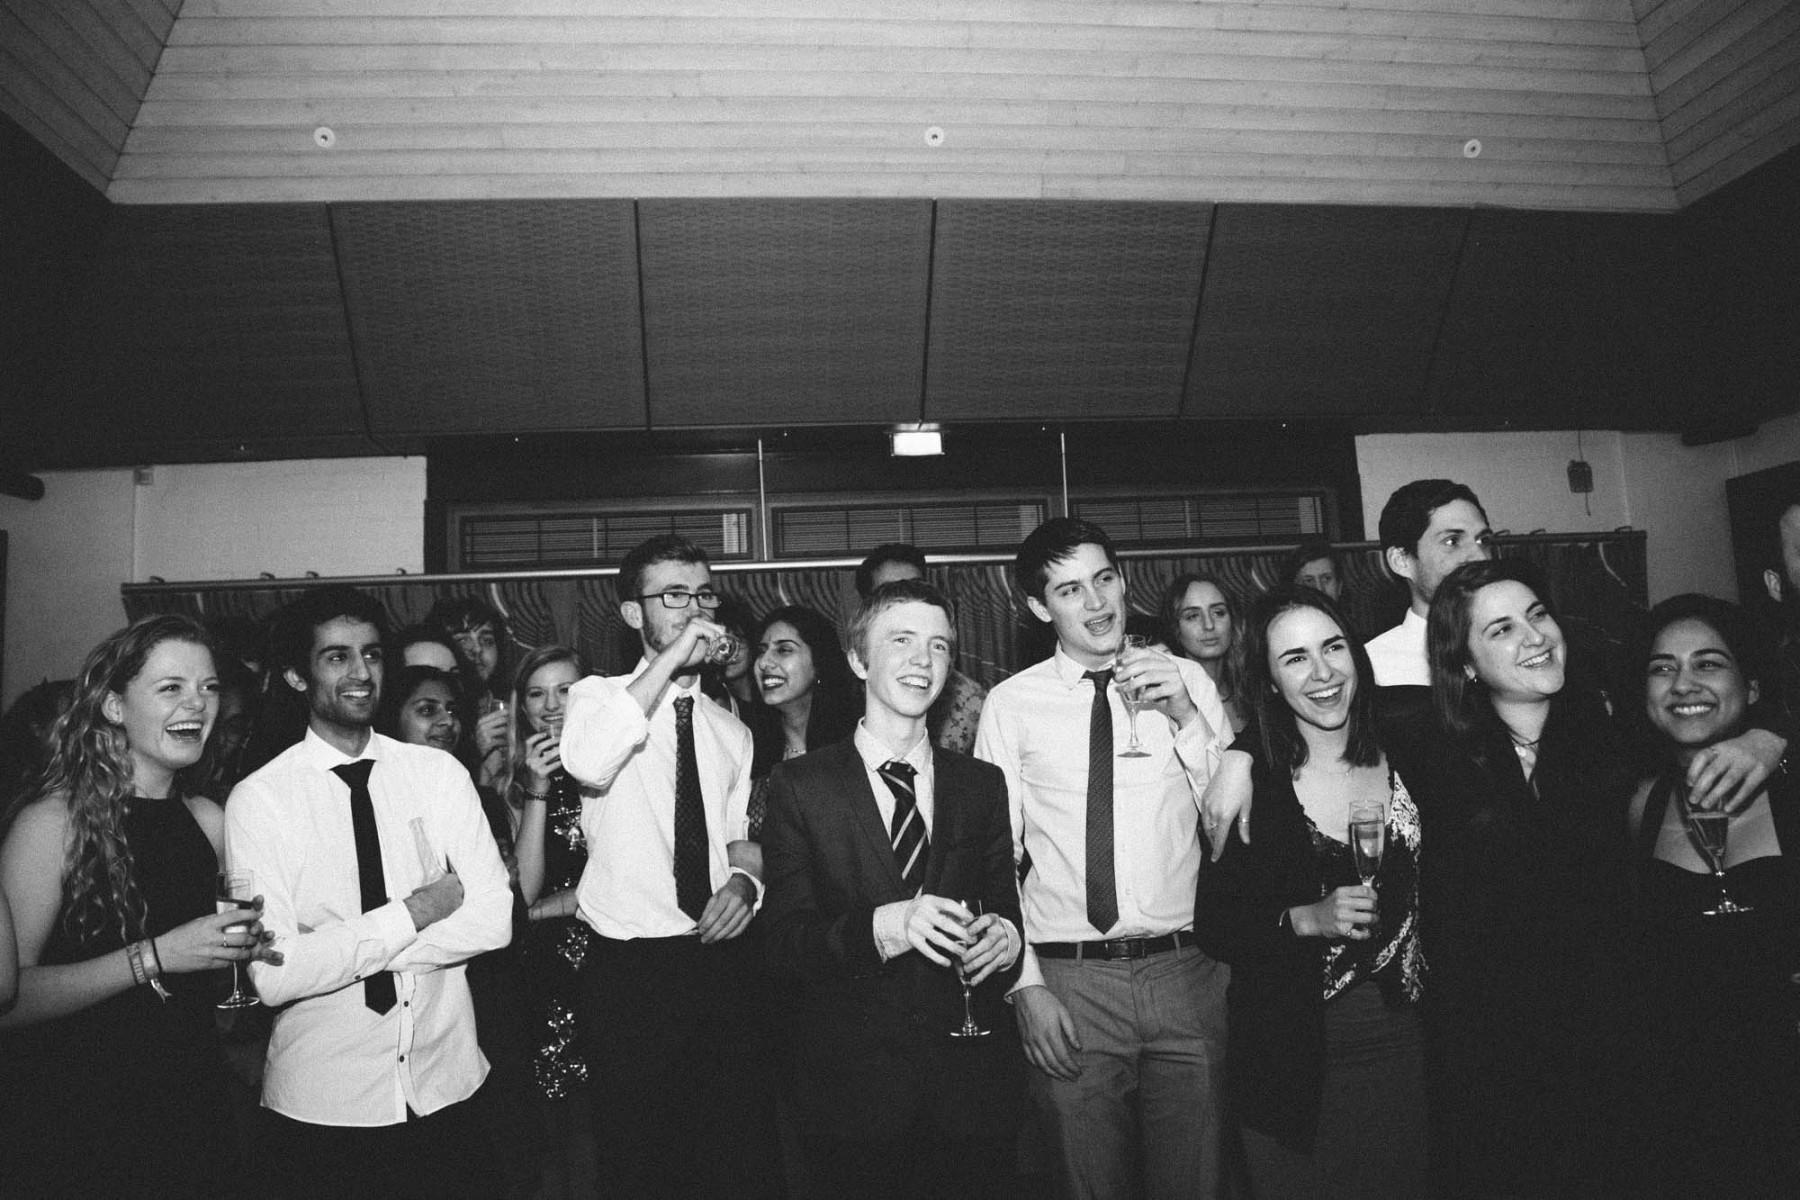 cambridge-event-party-2017-io-075